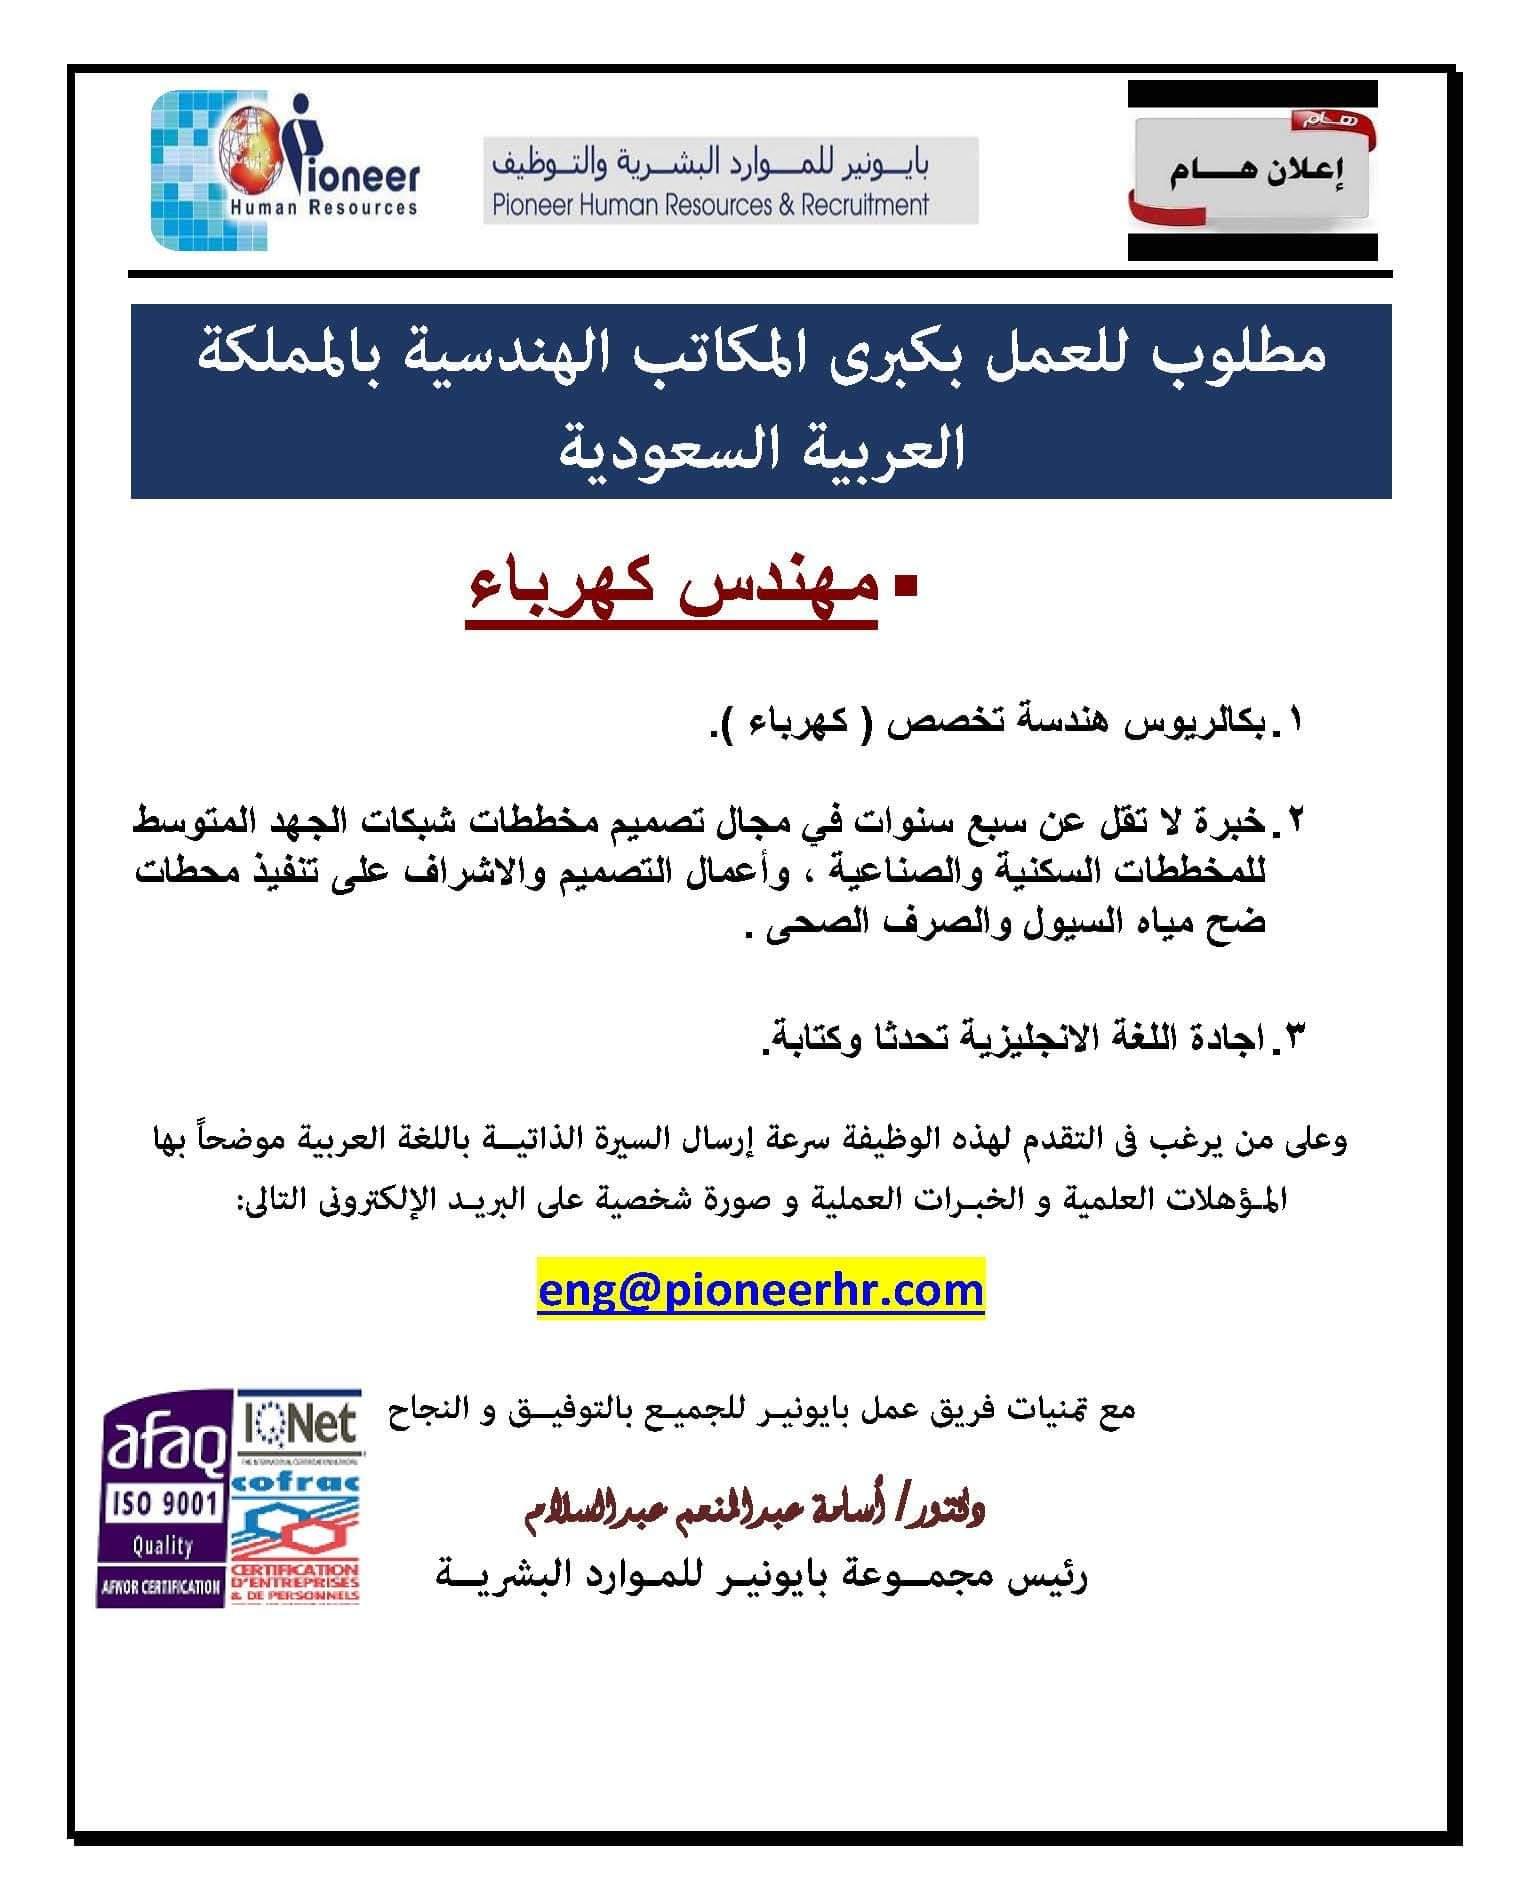 صورة مطلوب للعمل بكبرى المكاتب الهندسية بالسعودية